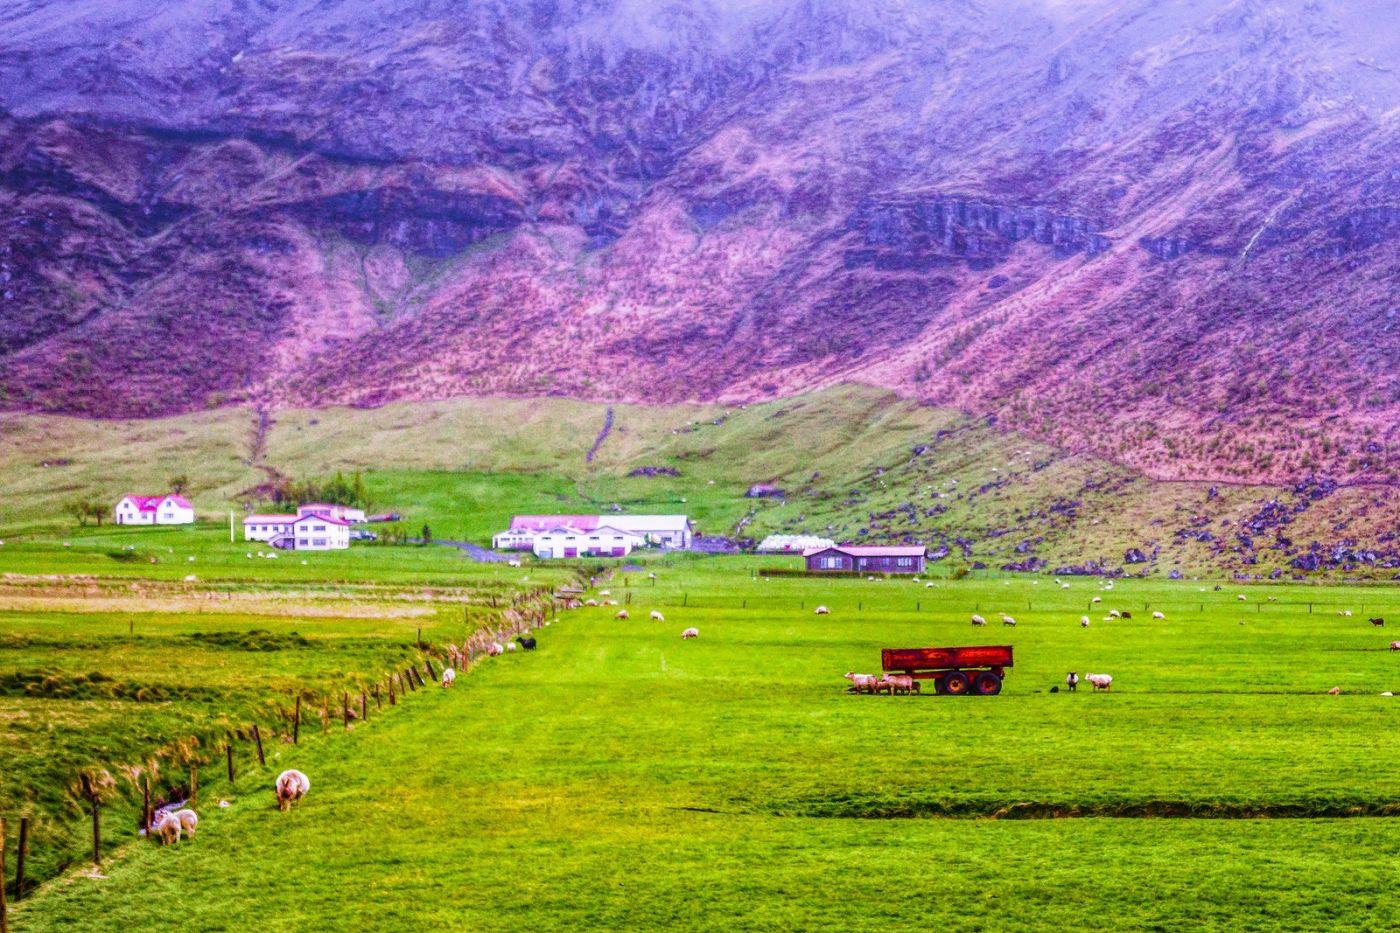 冰岛风采,大山民舍羊群_图1-12